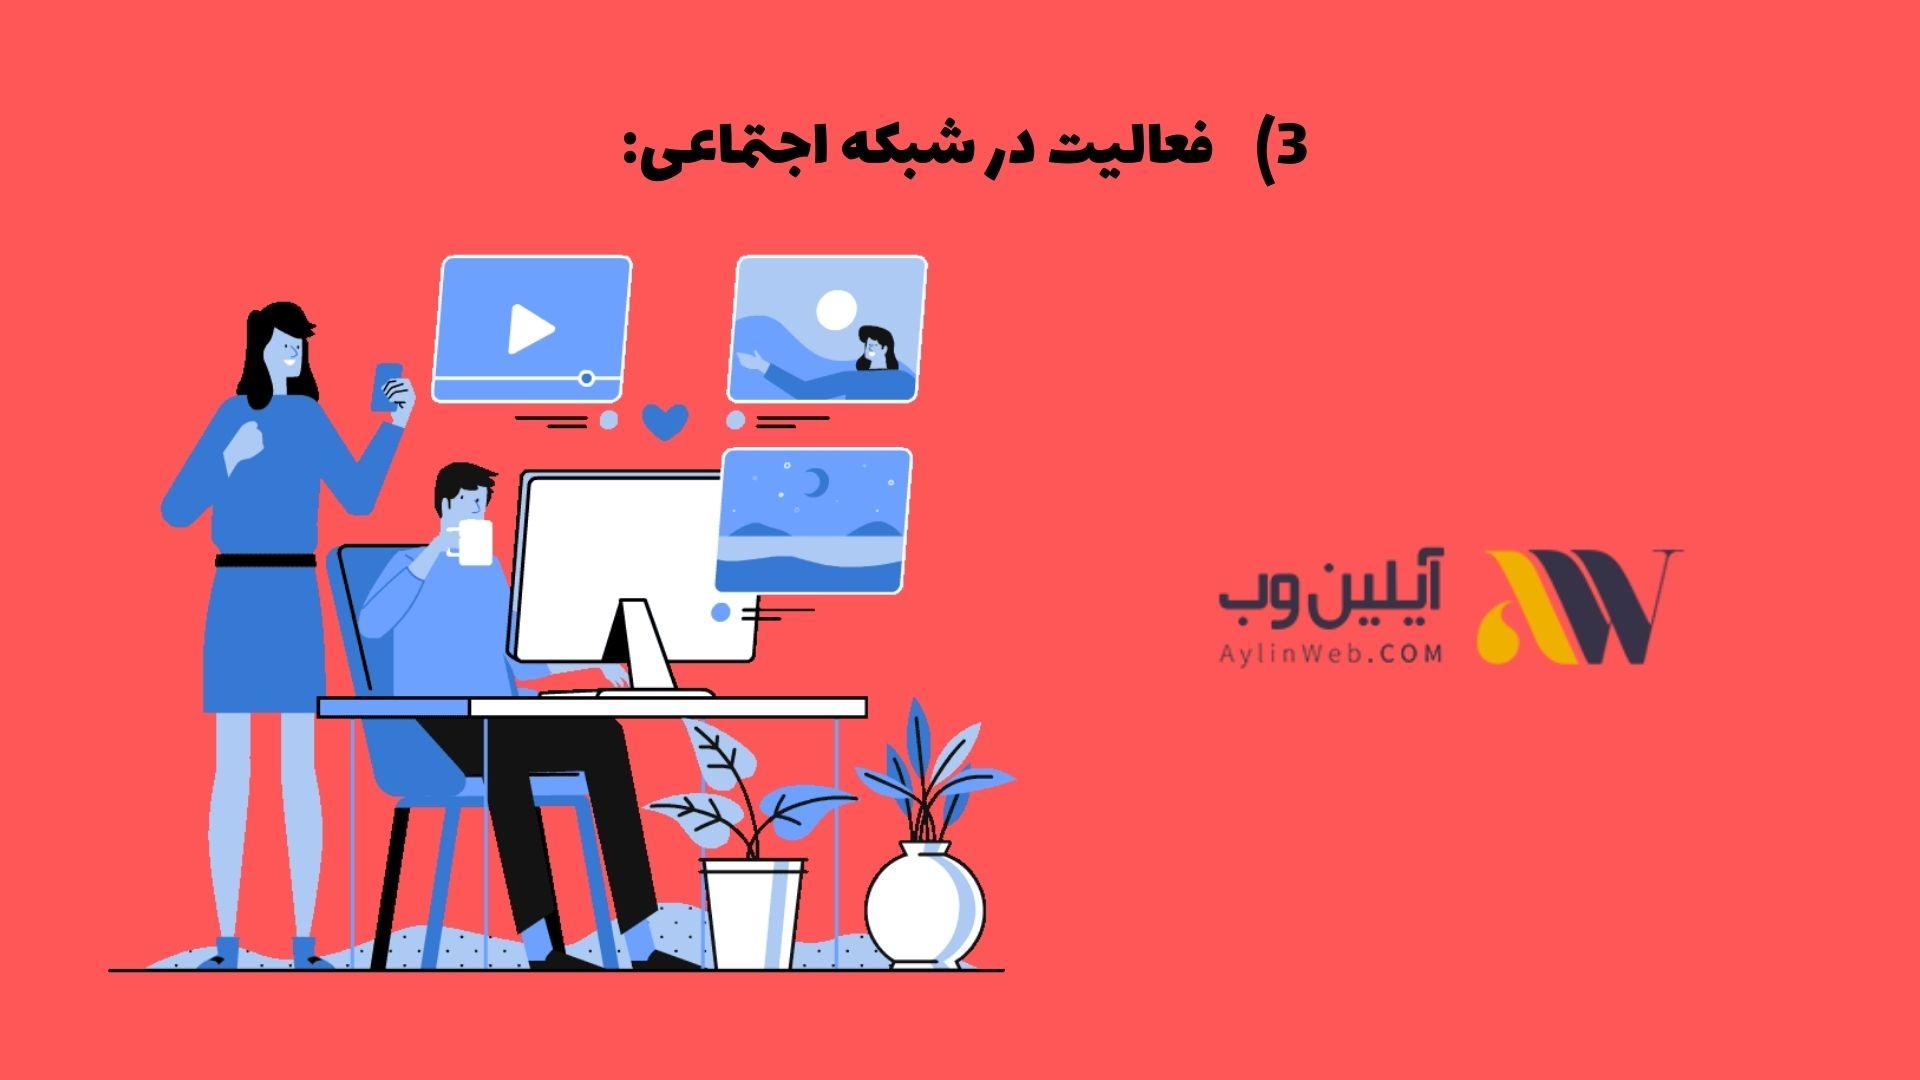 فعالیت در شبکه اجتماعی: